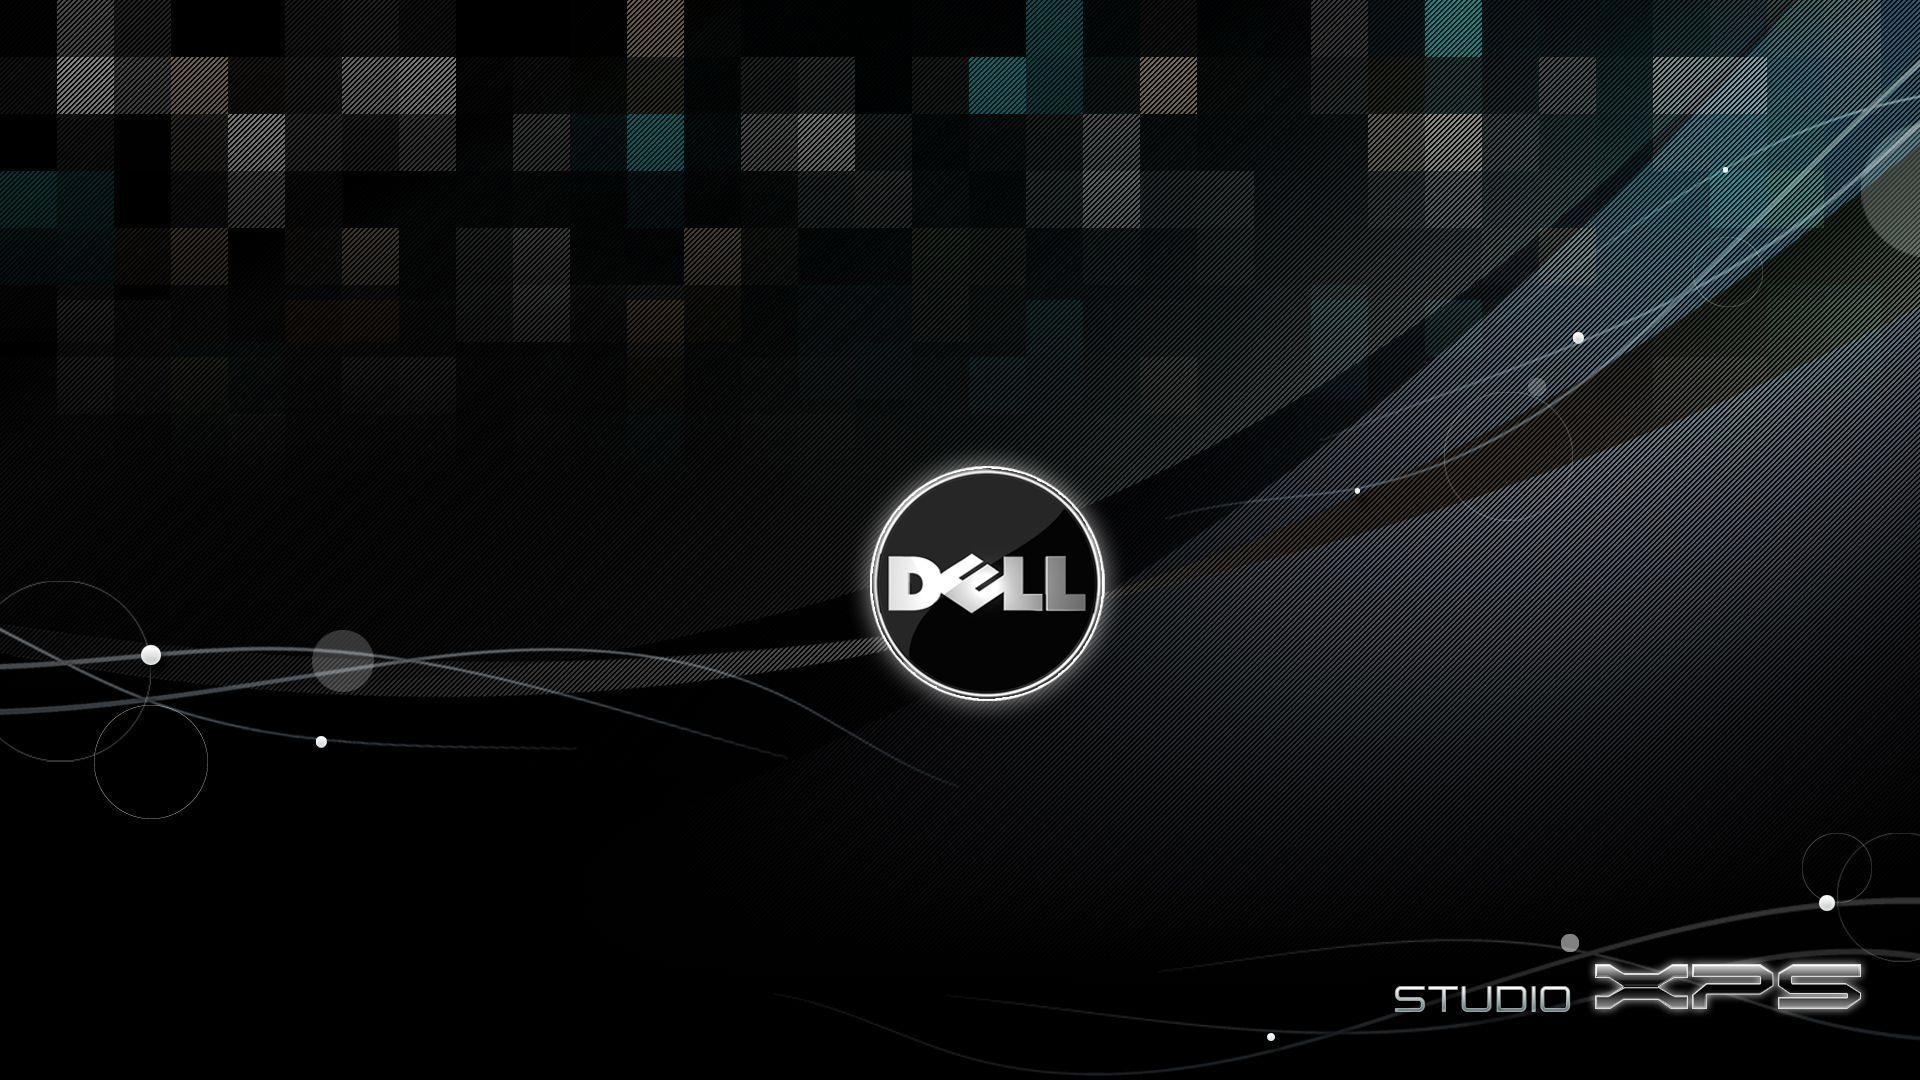 Dell jpg